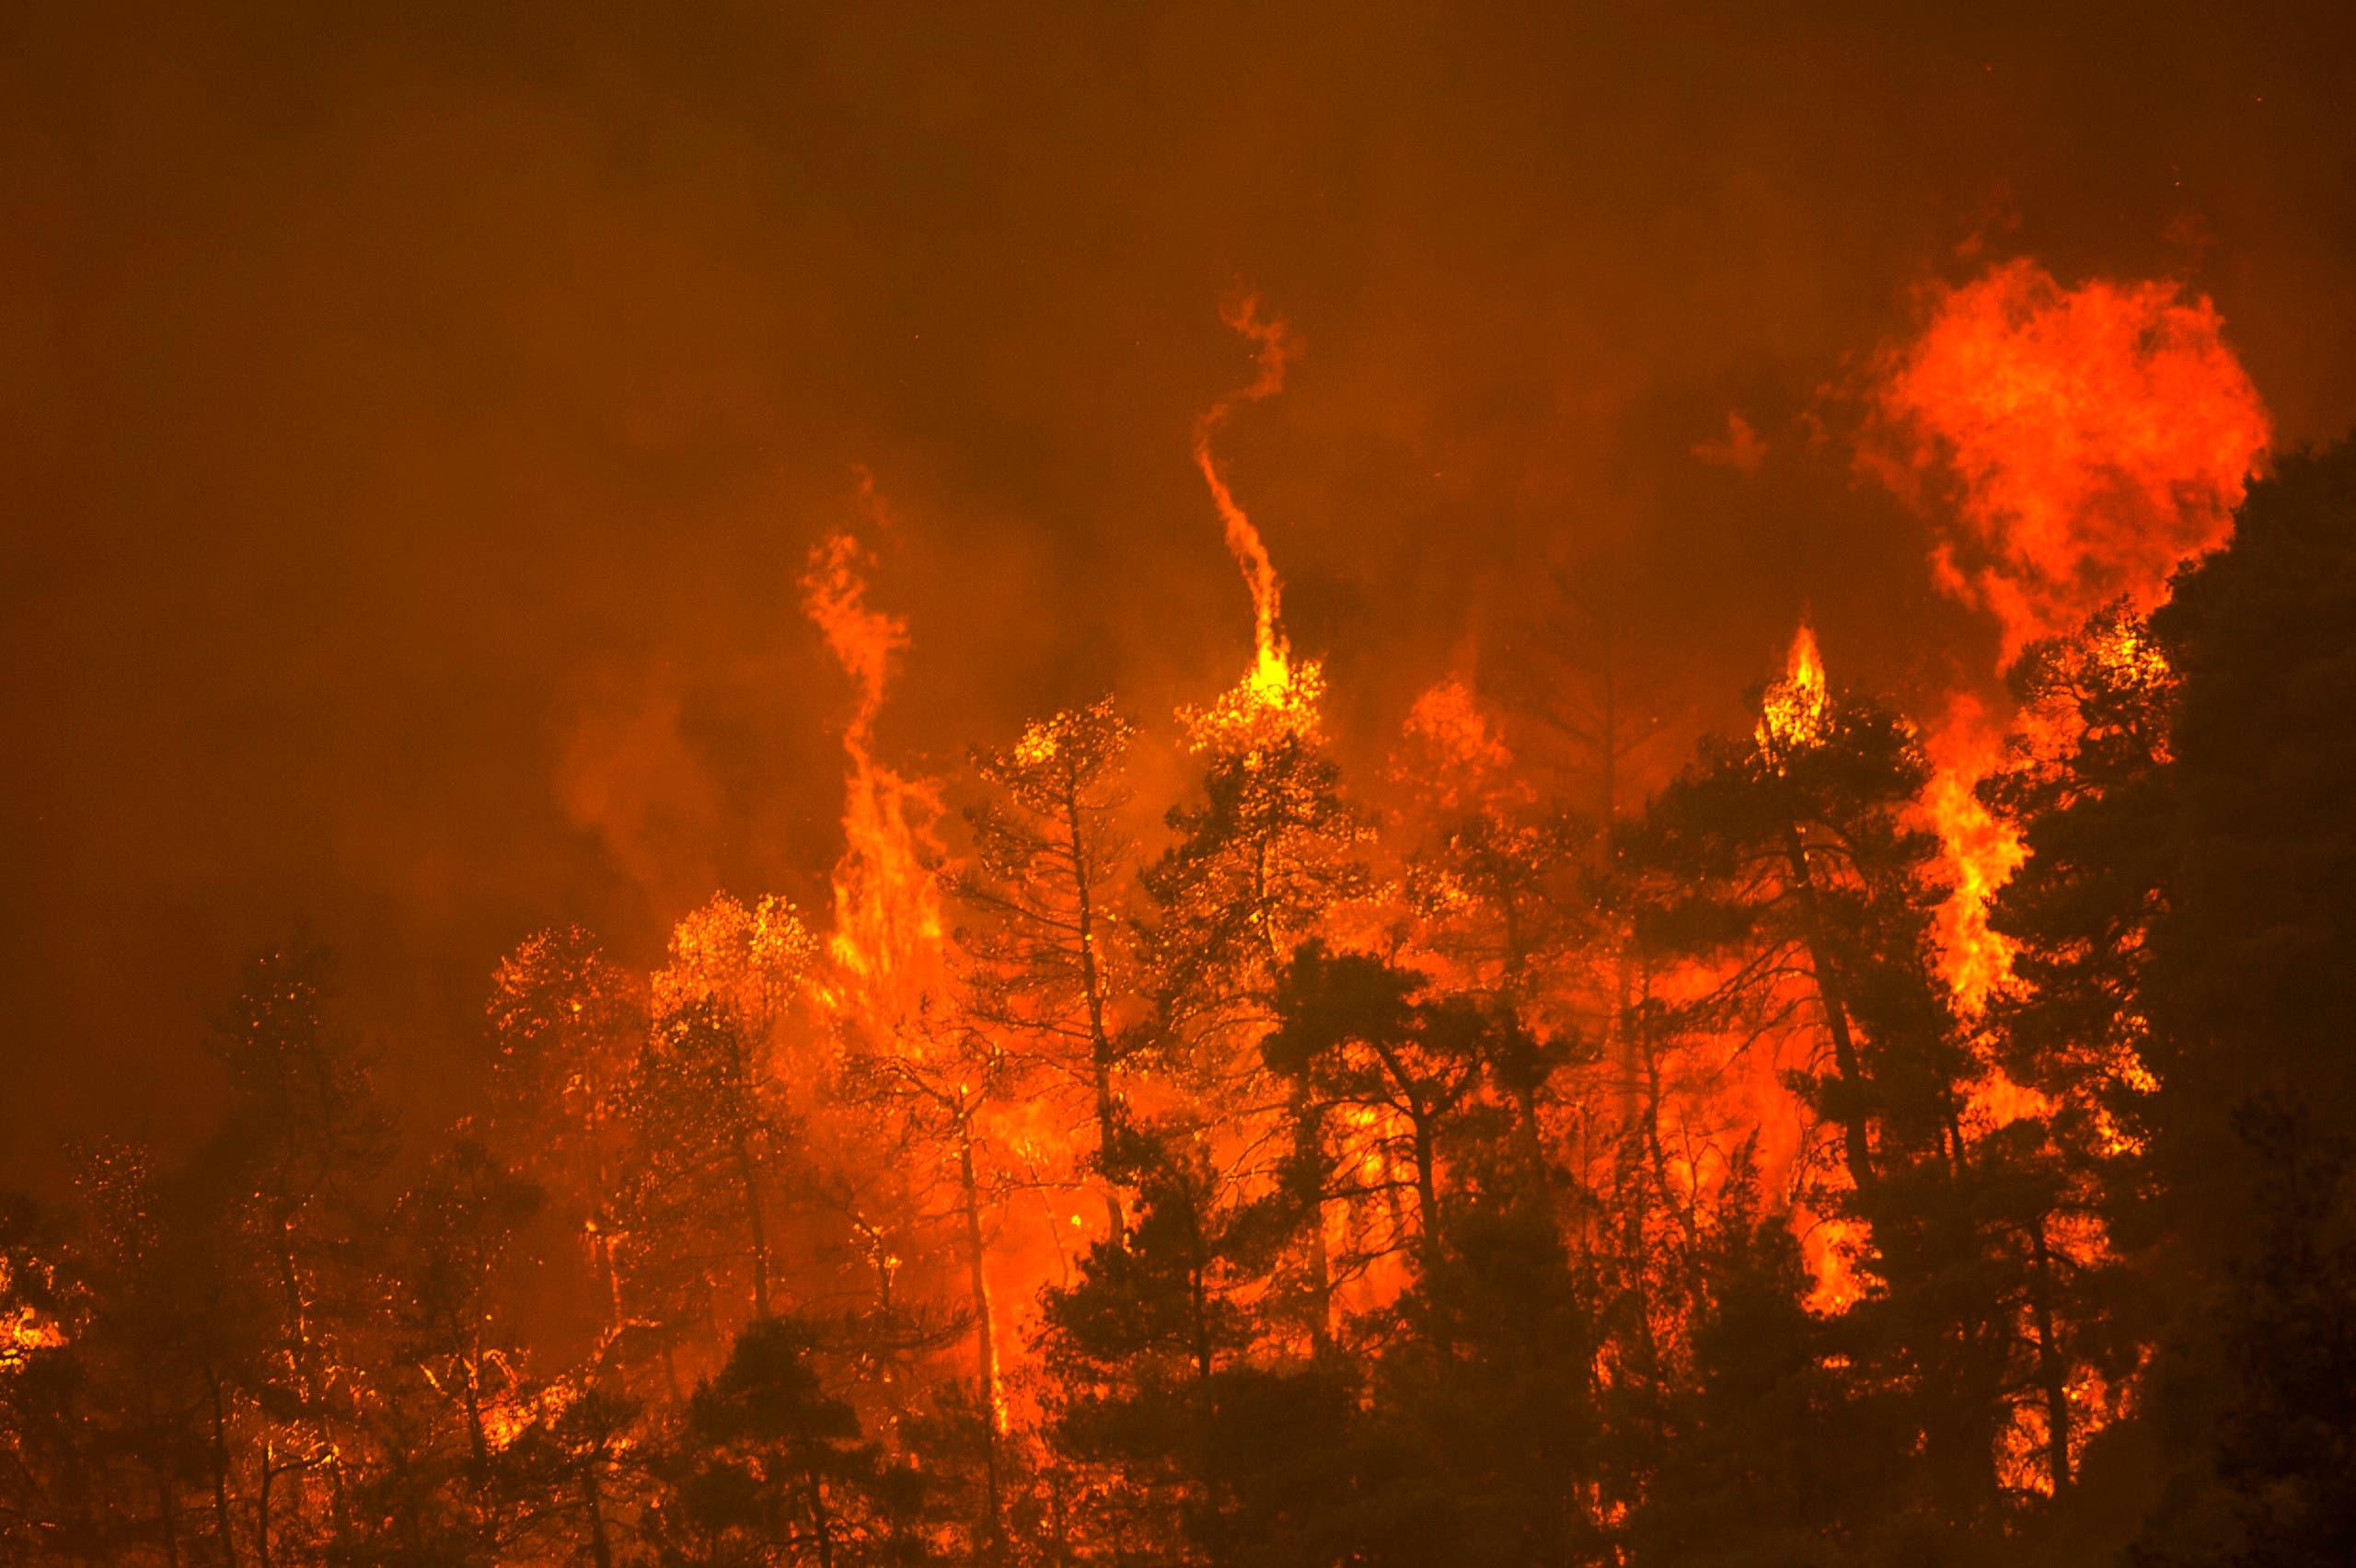 الحرائق في جزيرة إيفيا